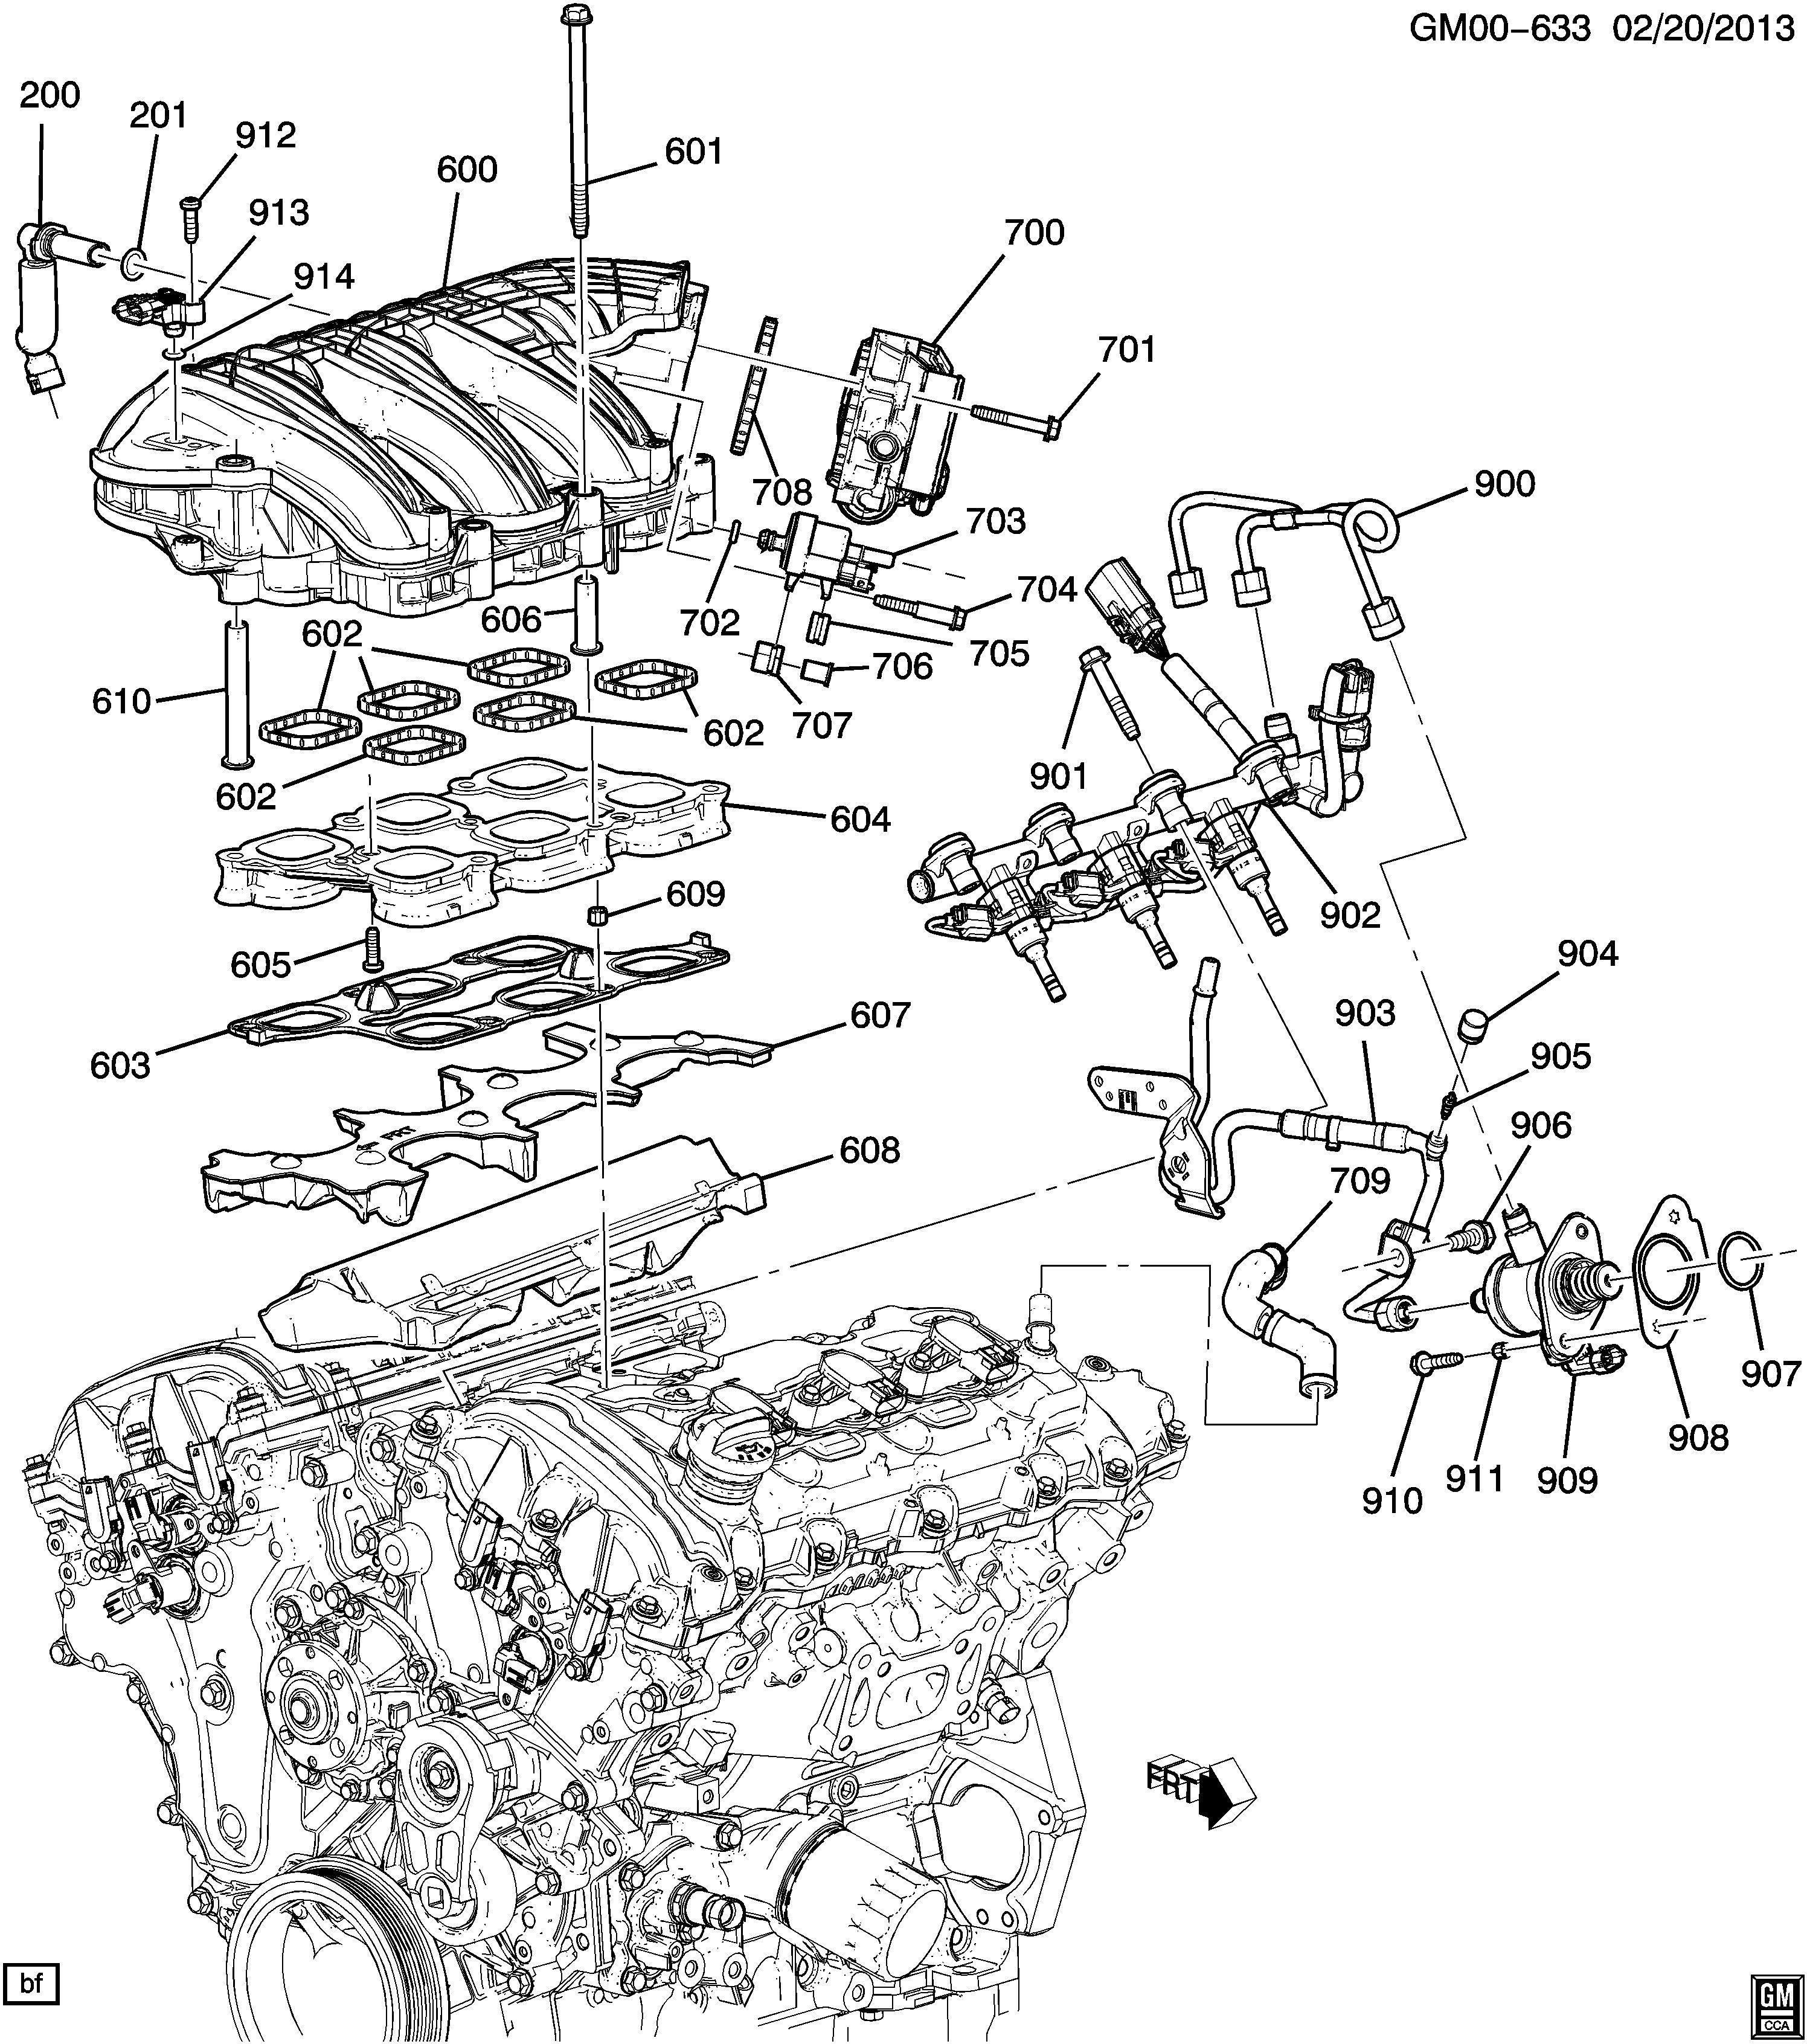 Chevrolet Impala Tube  Engine Crankcase Ventilation  Tube